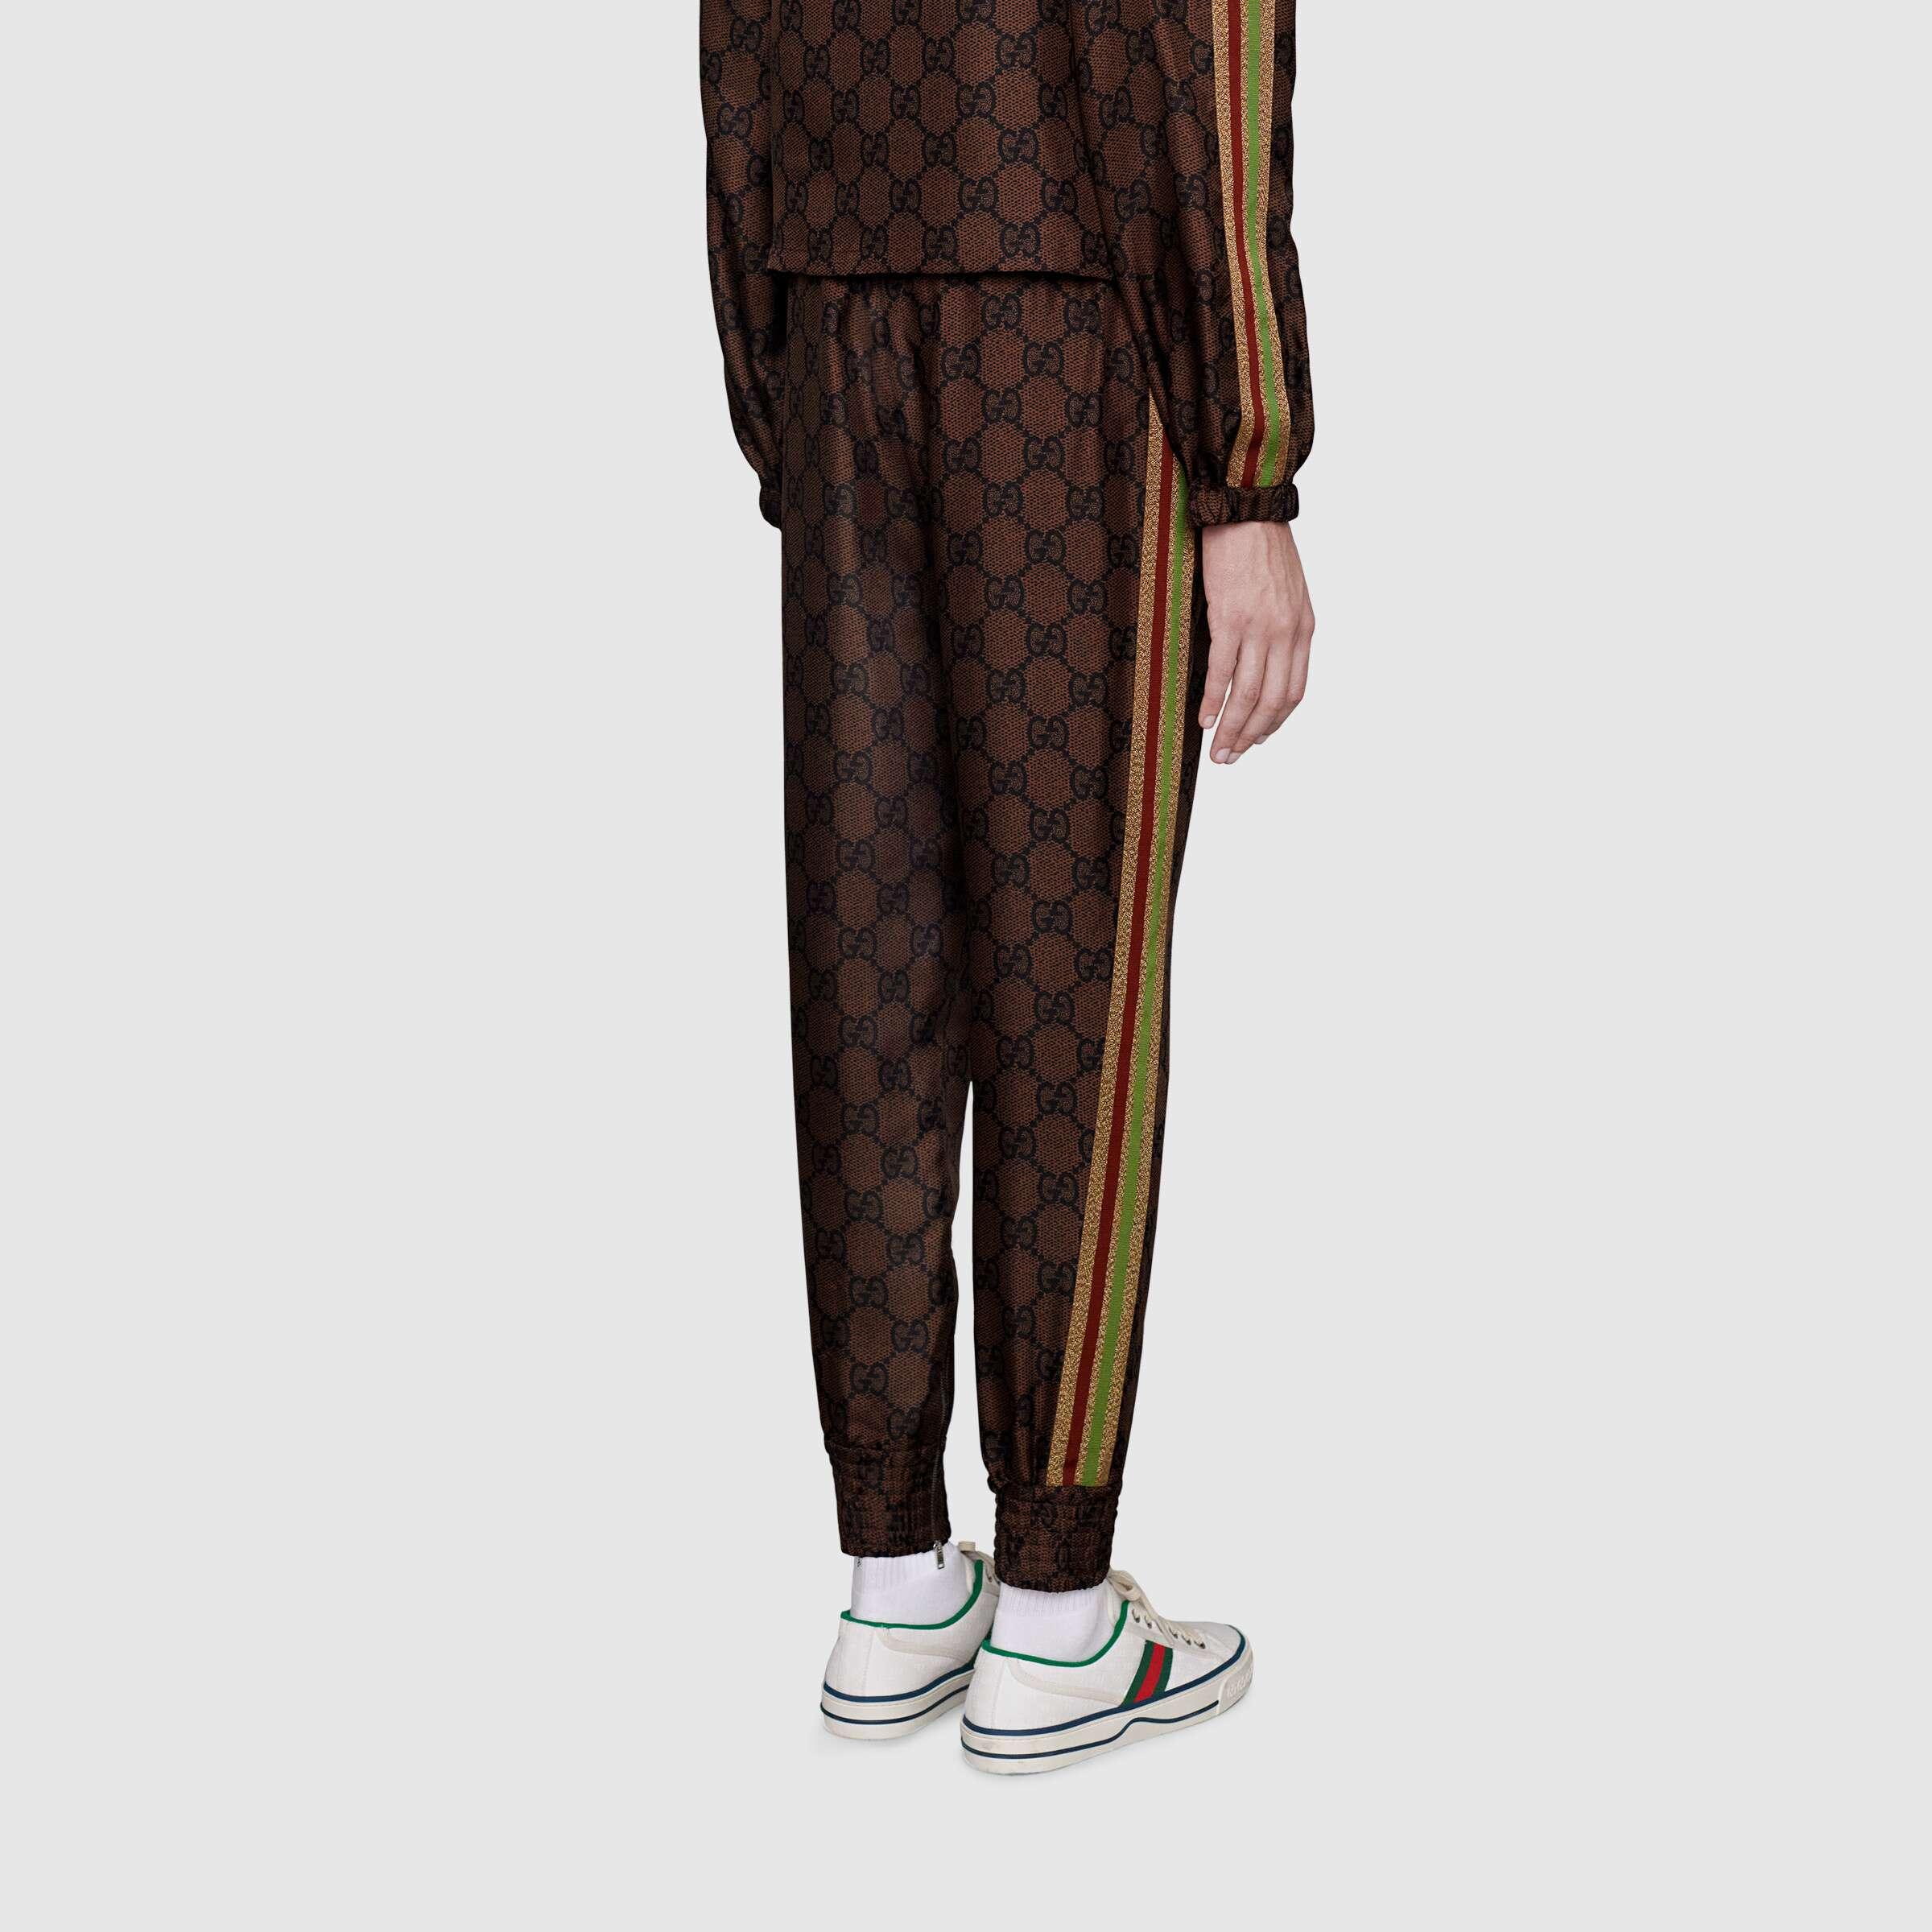 유럽직배송 구찌 GUCCI Gucci GG Supreme print silk trousers 625005XJCL52138